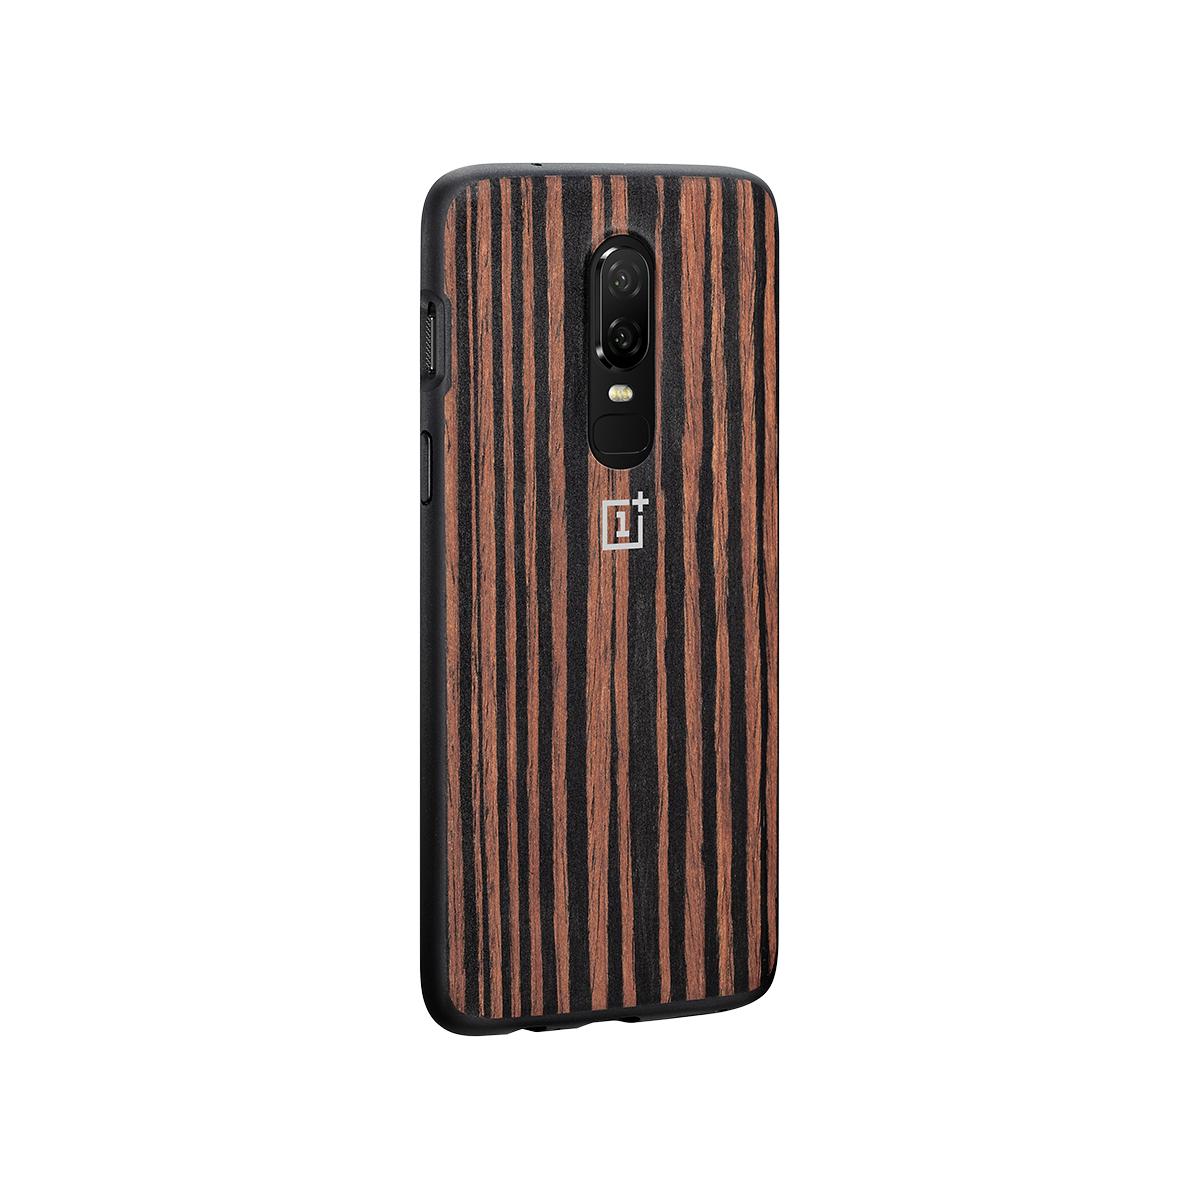 Coque de Protection pour Smartphones OnePlus 6 - Coloris au choix